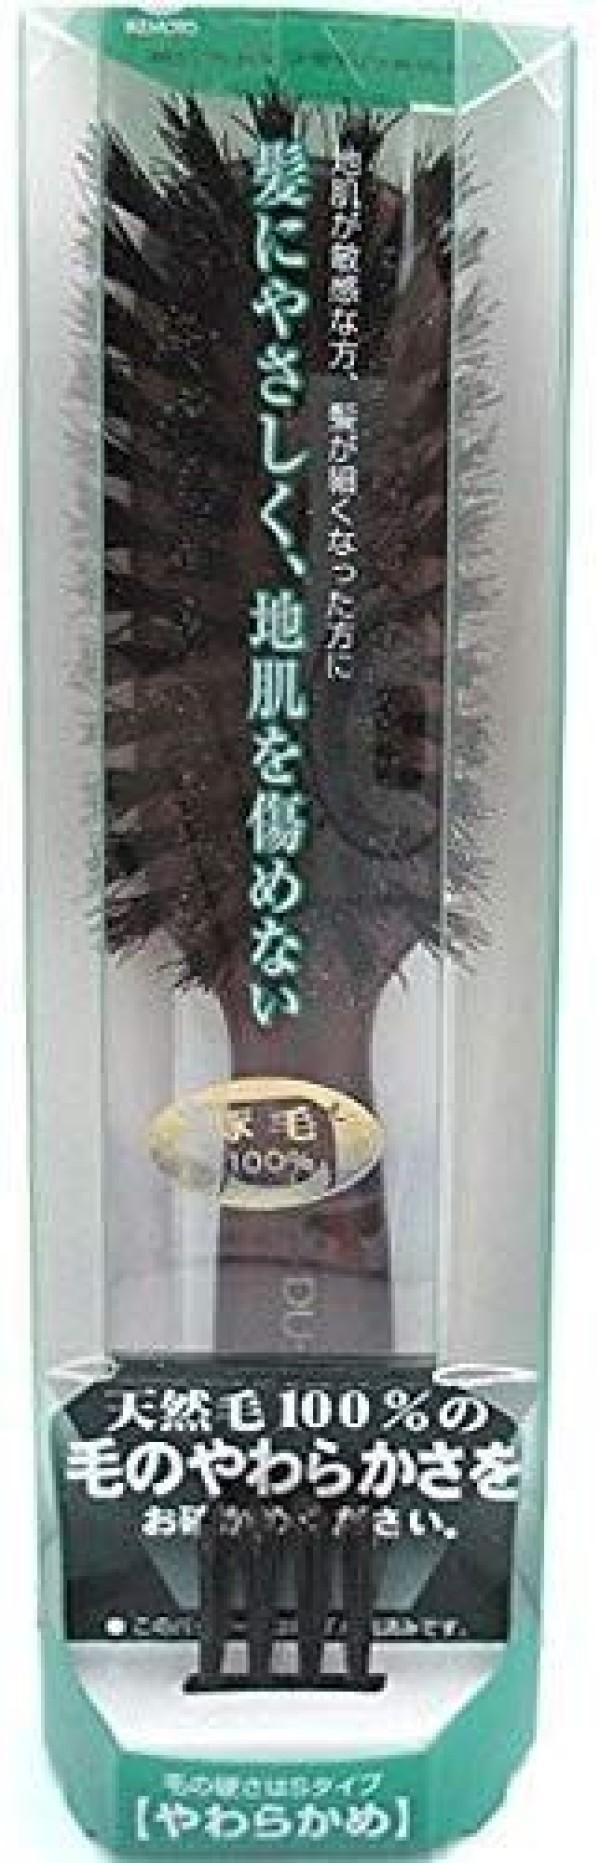 Ikemoto Amino Beauty Hair Brush (Size S)